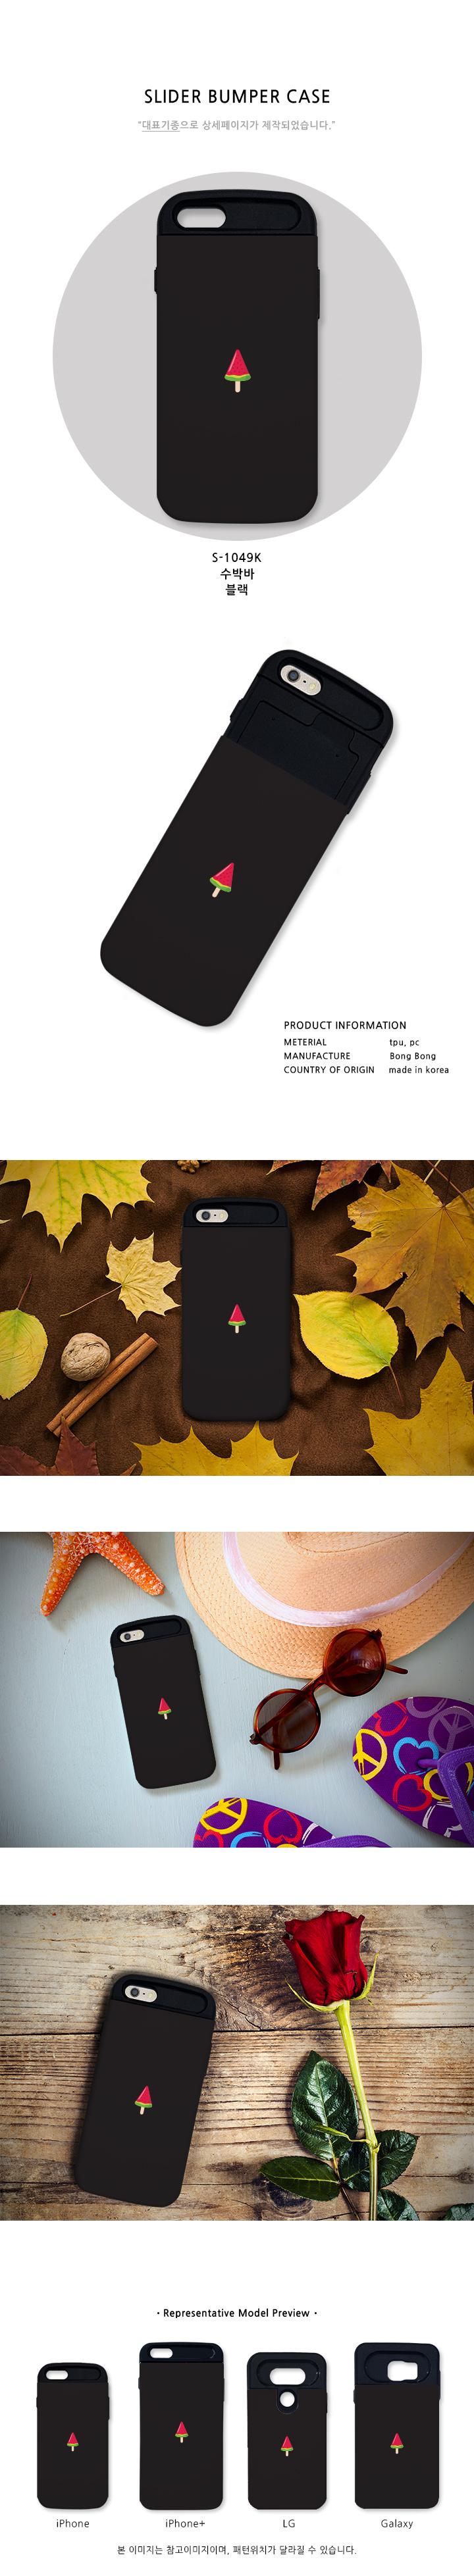 [갤럭시] 수박바 블랙 S1049K 슬라이더 케이스12,900원-봉봉케이스디지털/핸드폰, 삼성, 케이스, 갤럭시 S8바보사랑[갤럭시] 수박바 블랙 S1049K 슬라이더 케이스12,900원-봉봉케이스디지털/핸드폰, 삼성, 케이스, 갤럭시 S8바보사랑